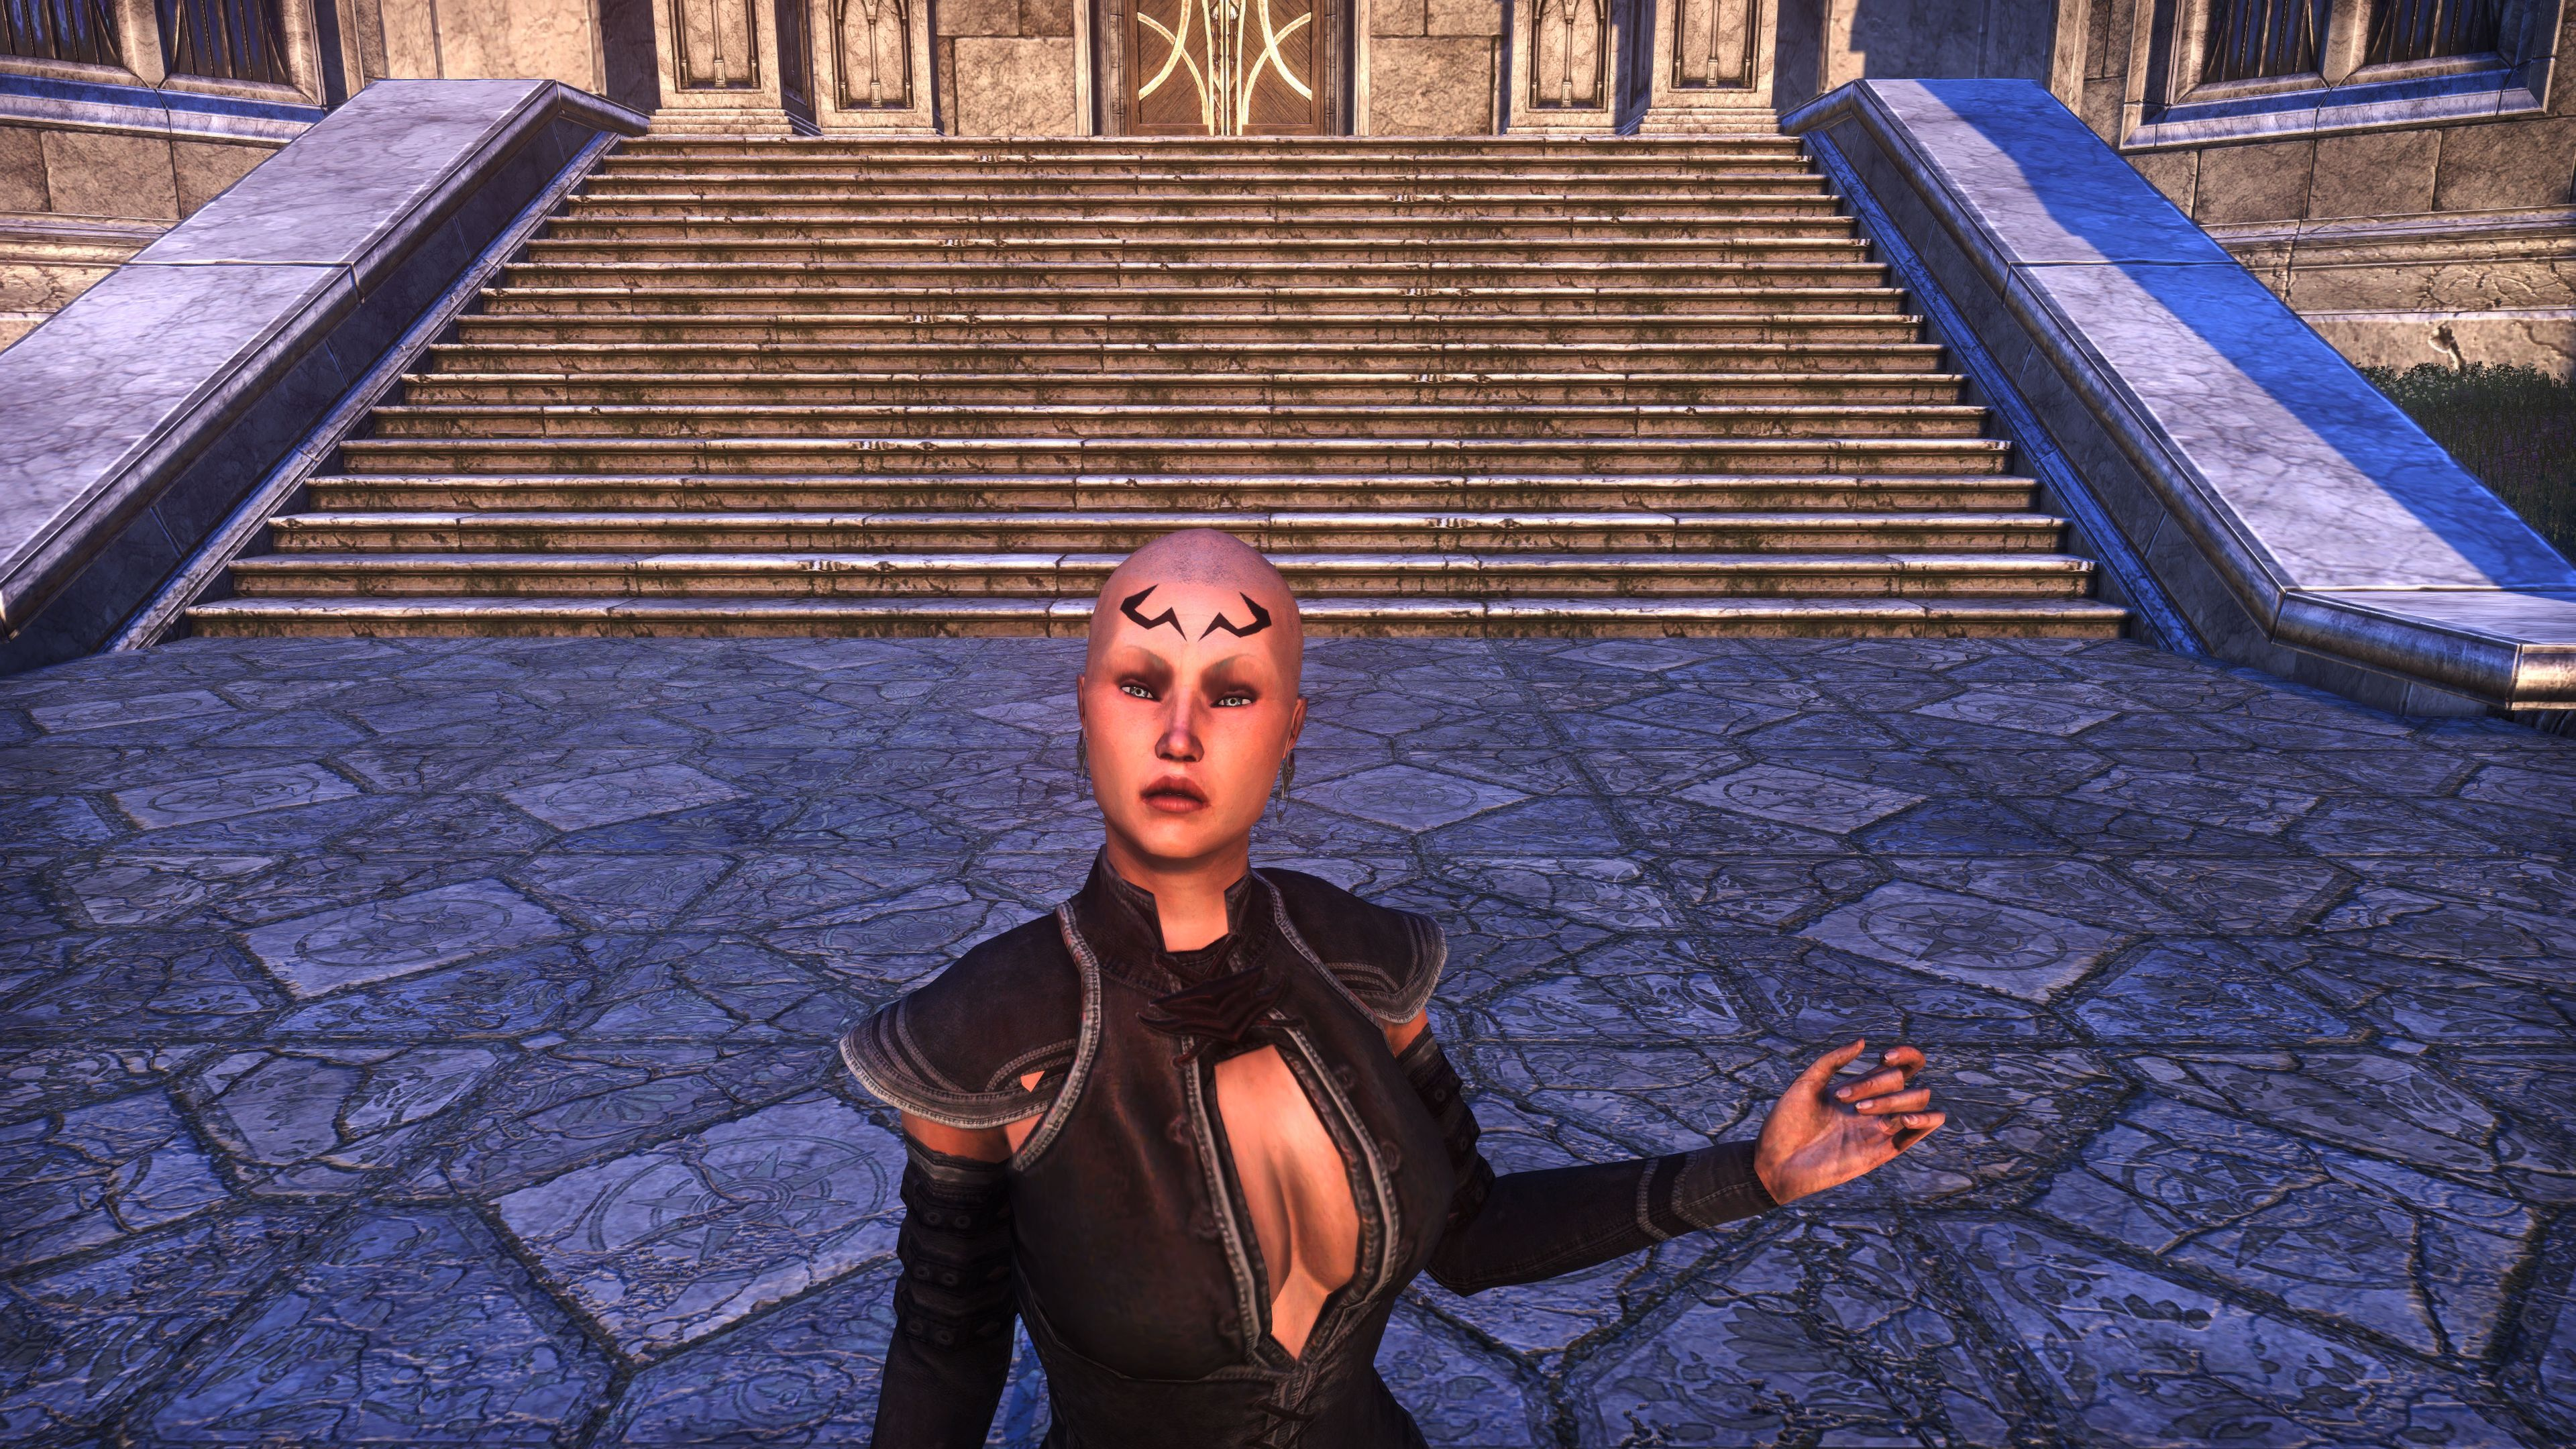 Dwarven Geometry Face Markings (Appearance > Face Markings), Psijic Vault Crate, The Elder Scrolls Online